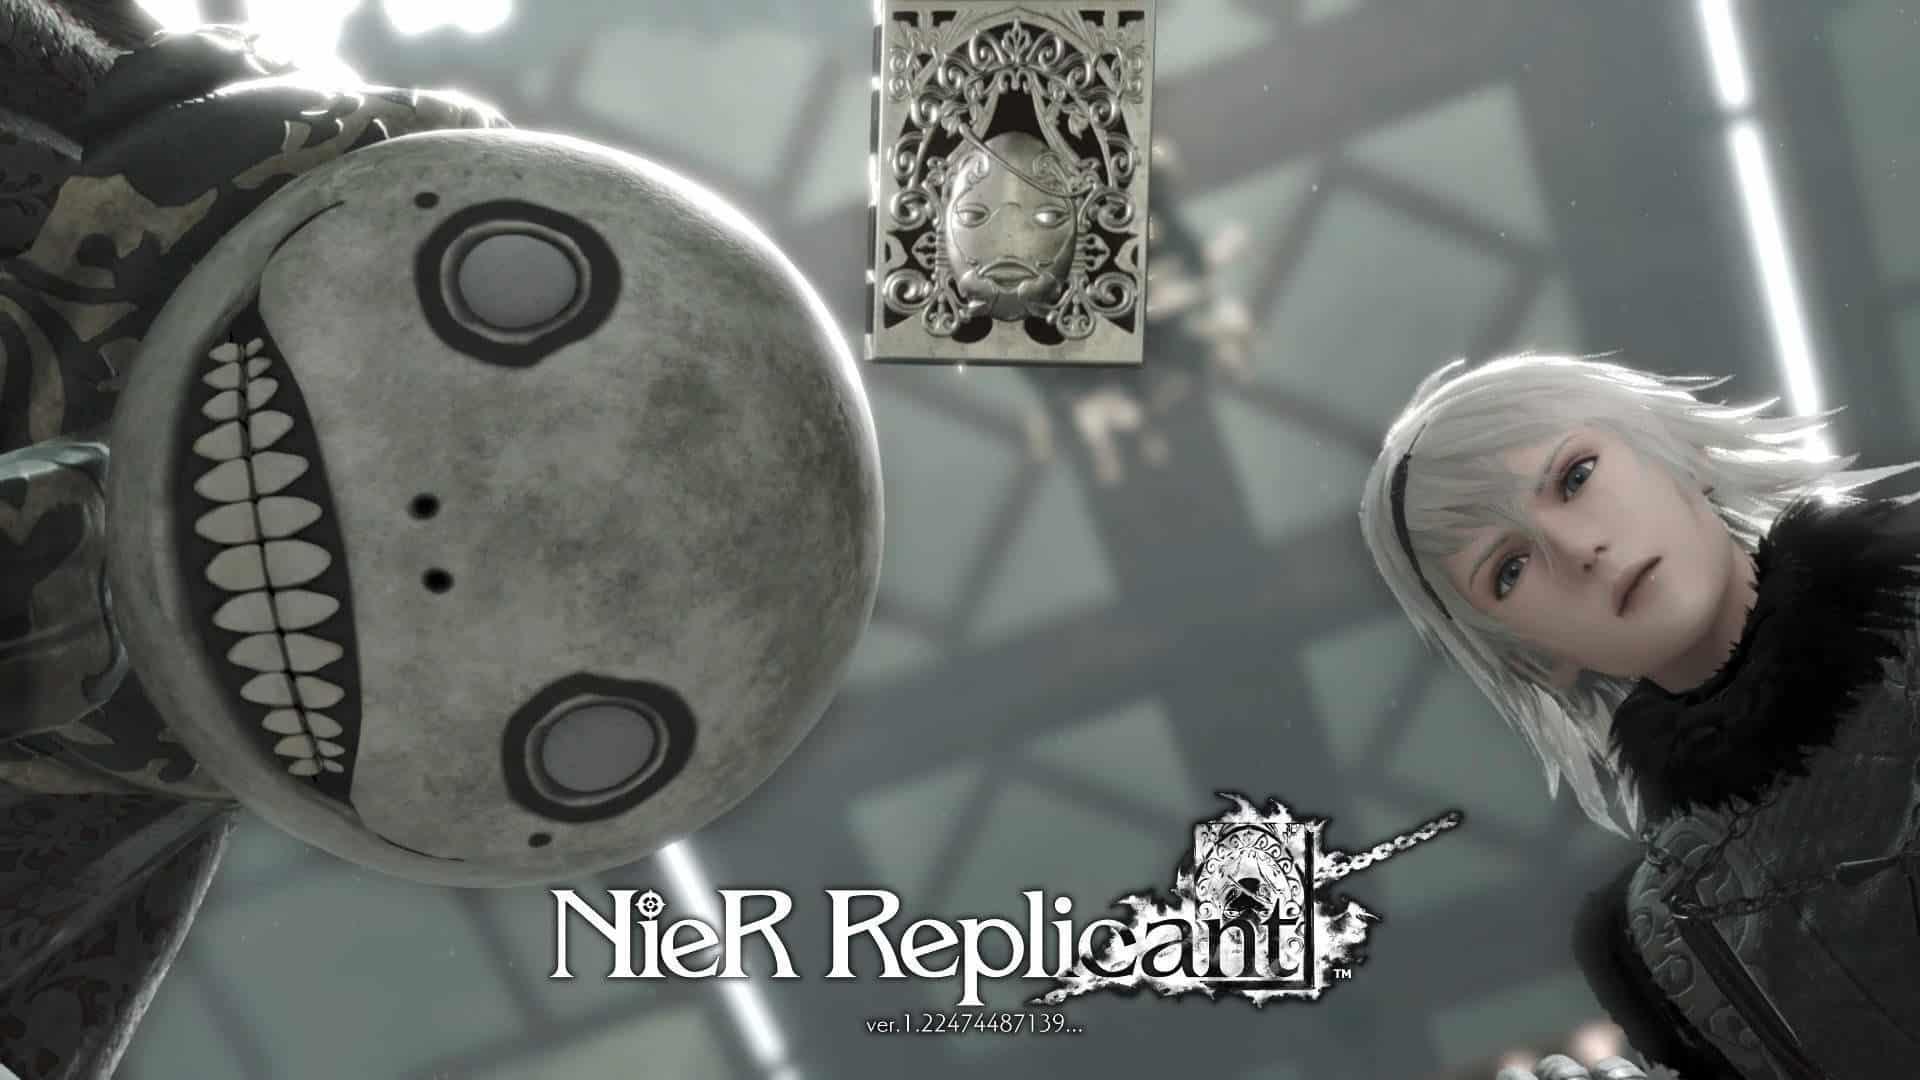 (تحليل) NieR Replicant الإصدار 1.22474487139 ... 1